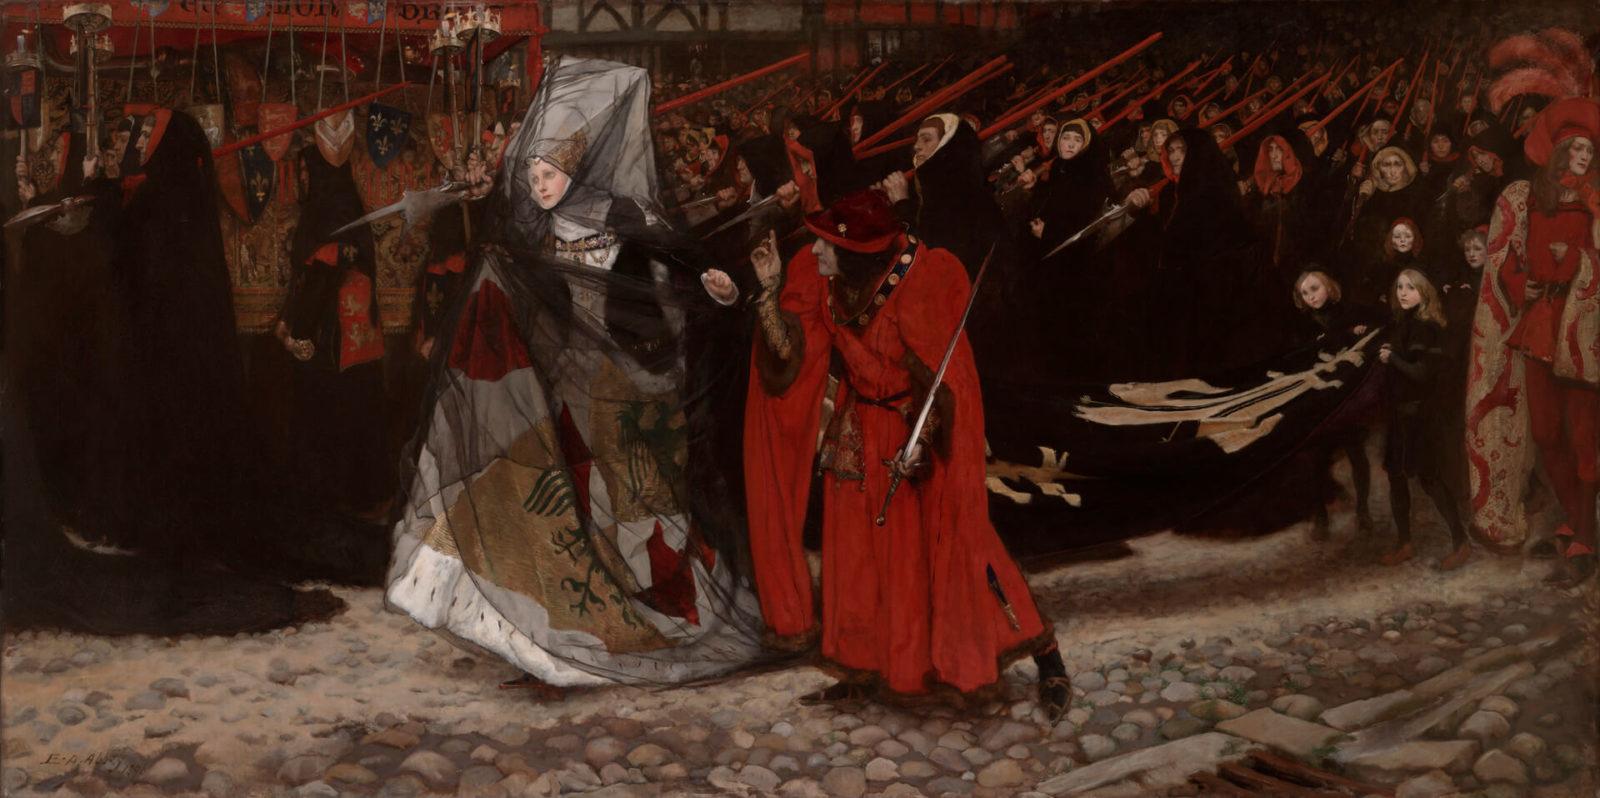 Прообразы «Игры престолов» в истории и живописи: в багровых тонах